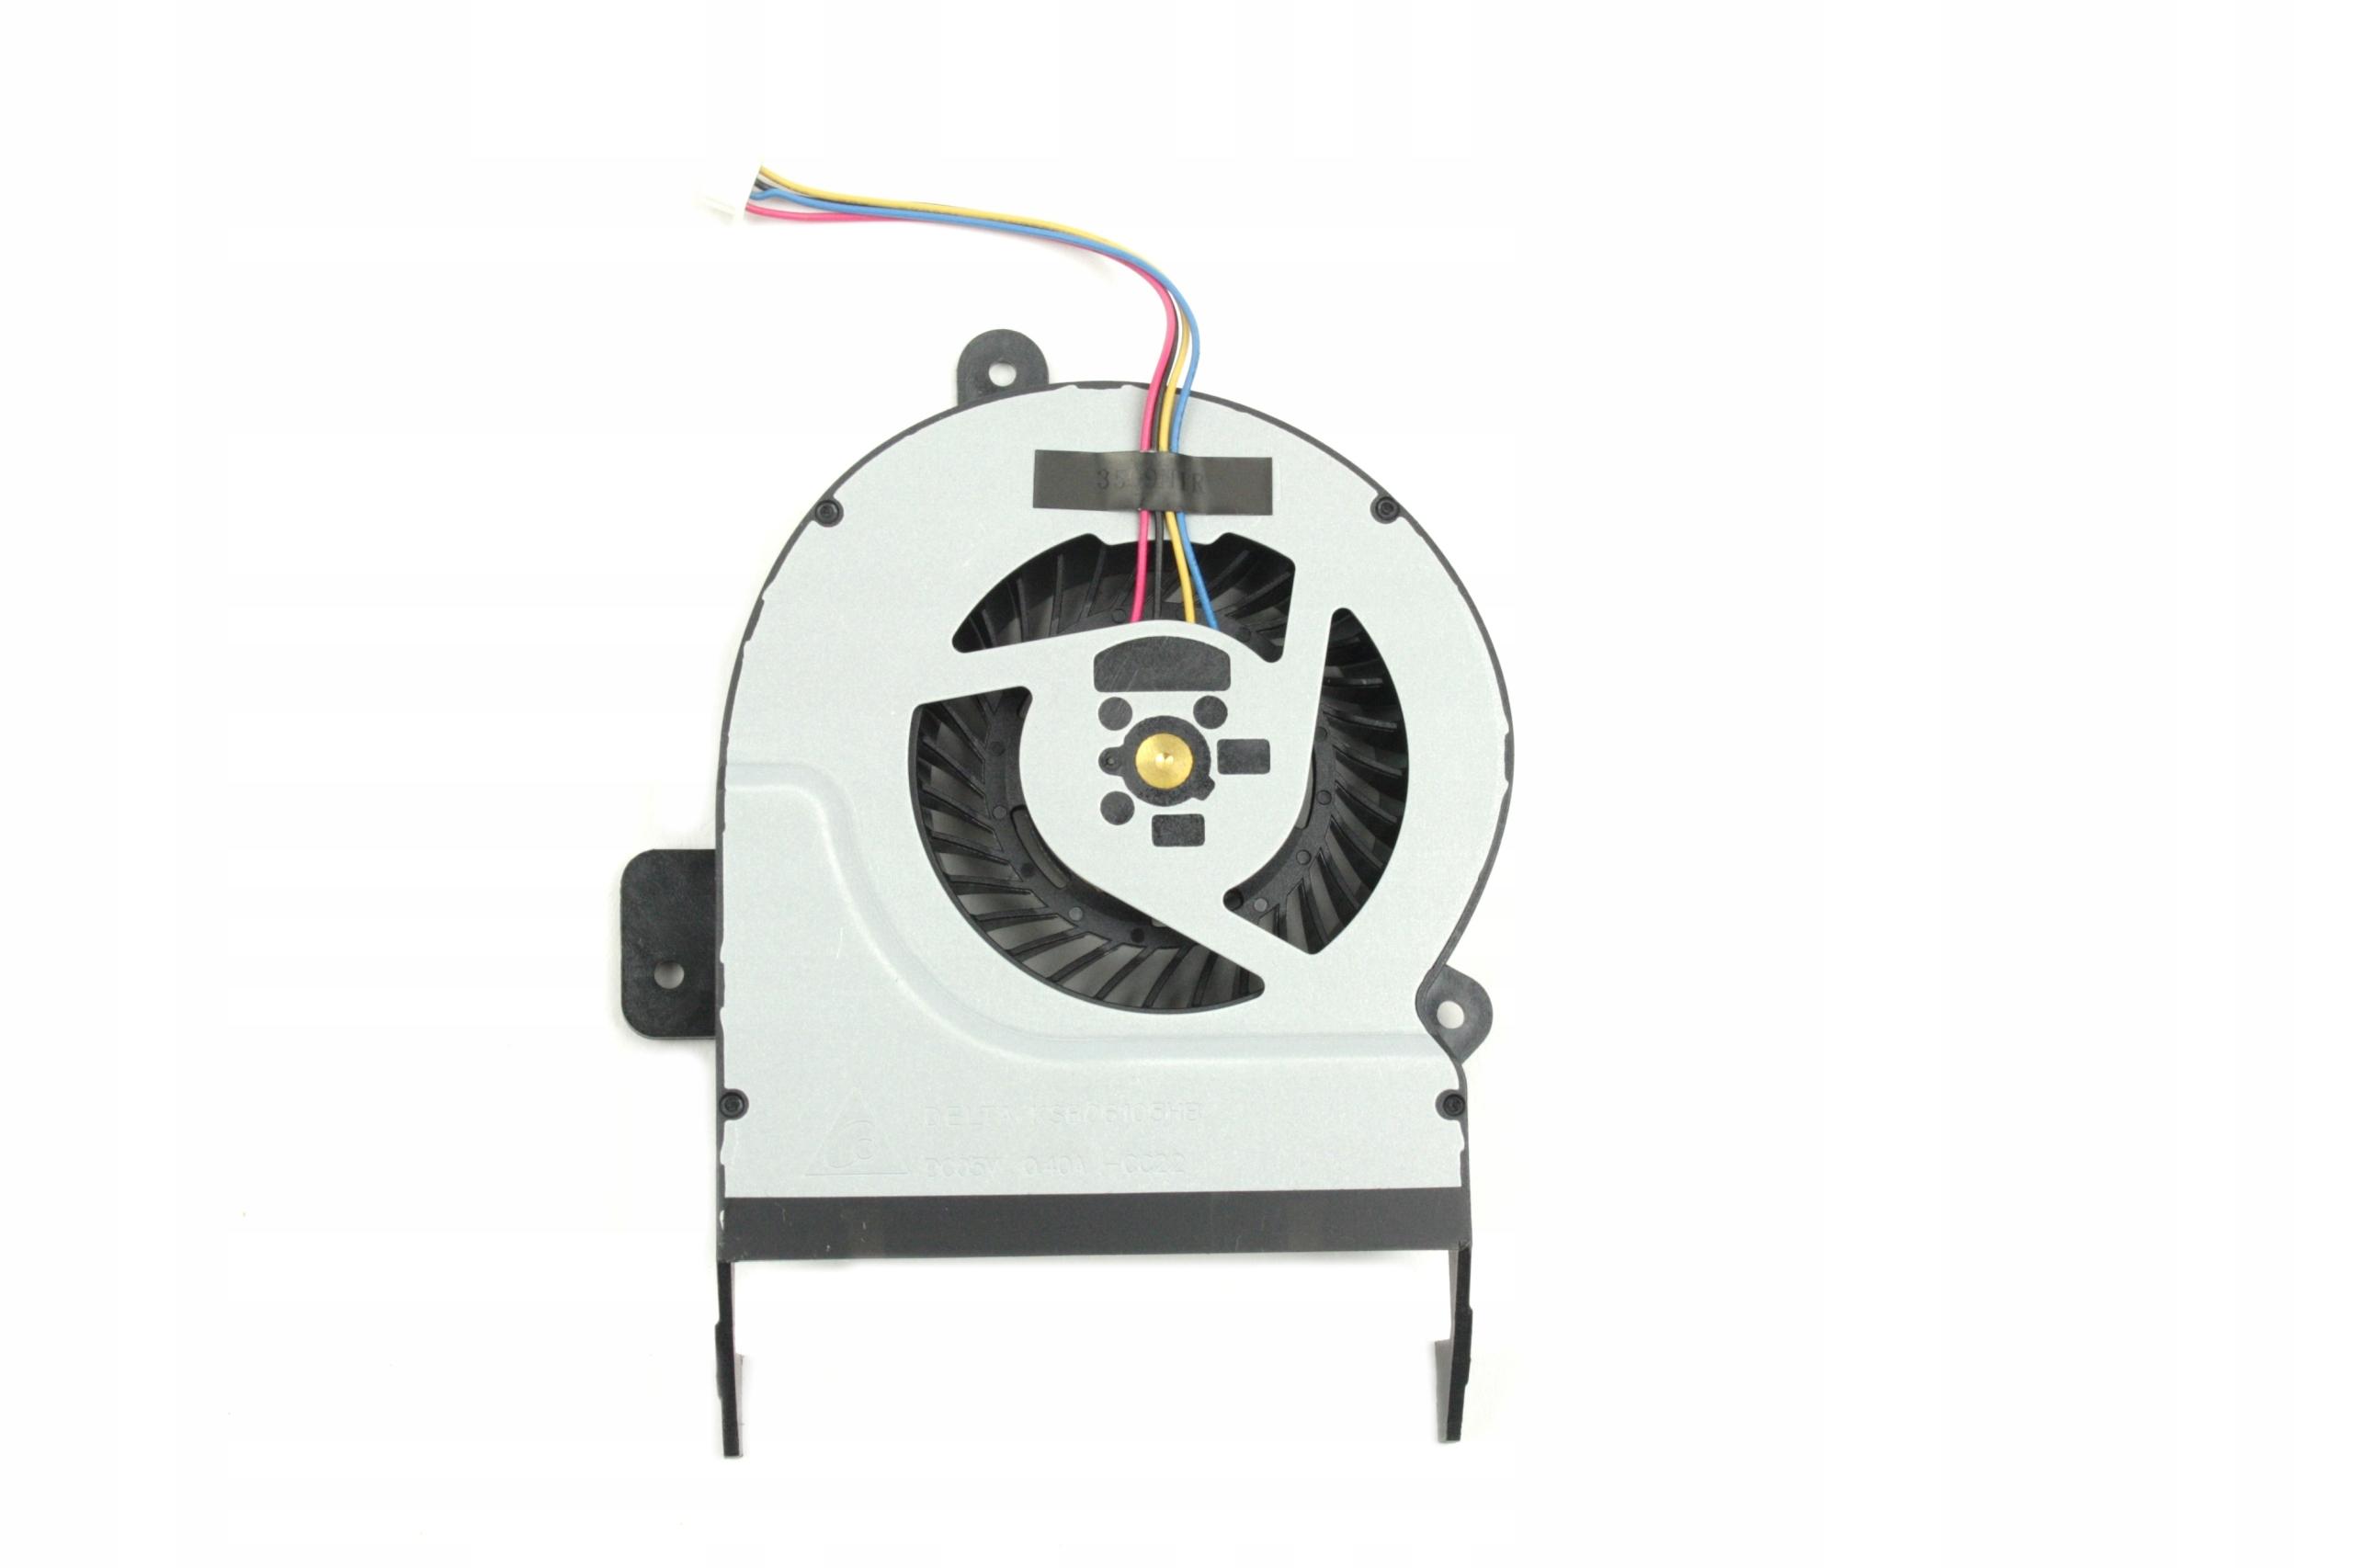 WENTYLATOR CHŁODZENIE WIATRAK ASUS F55A K55 K55A K55VD R500V - Wentylatory i radiatory